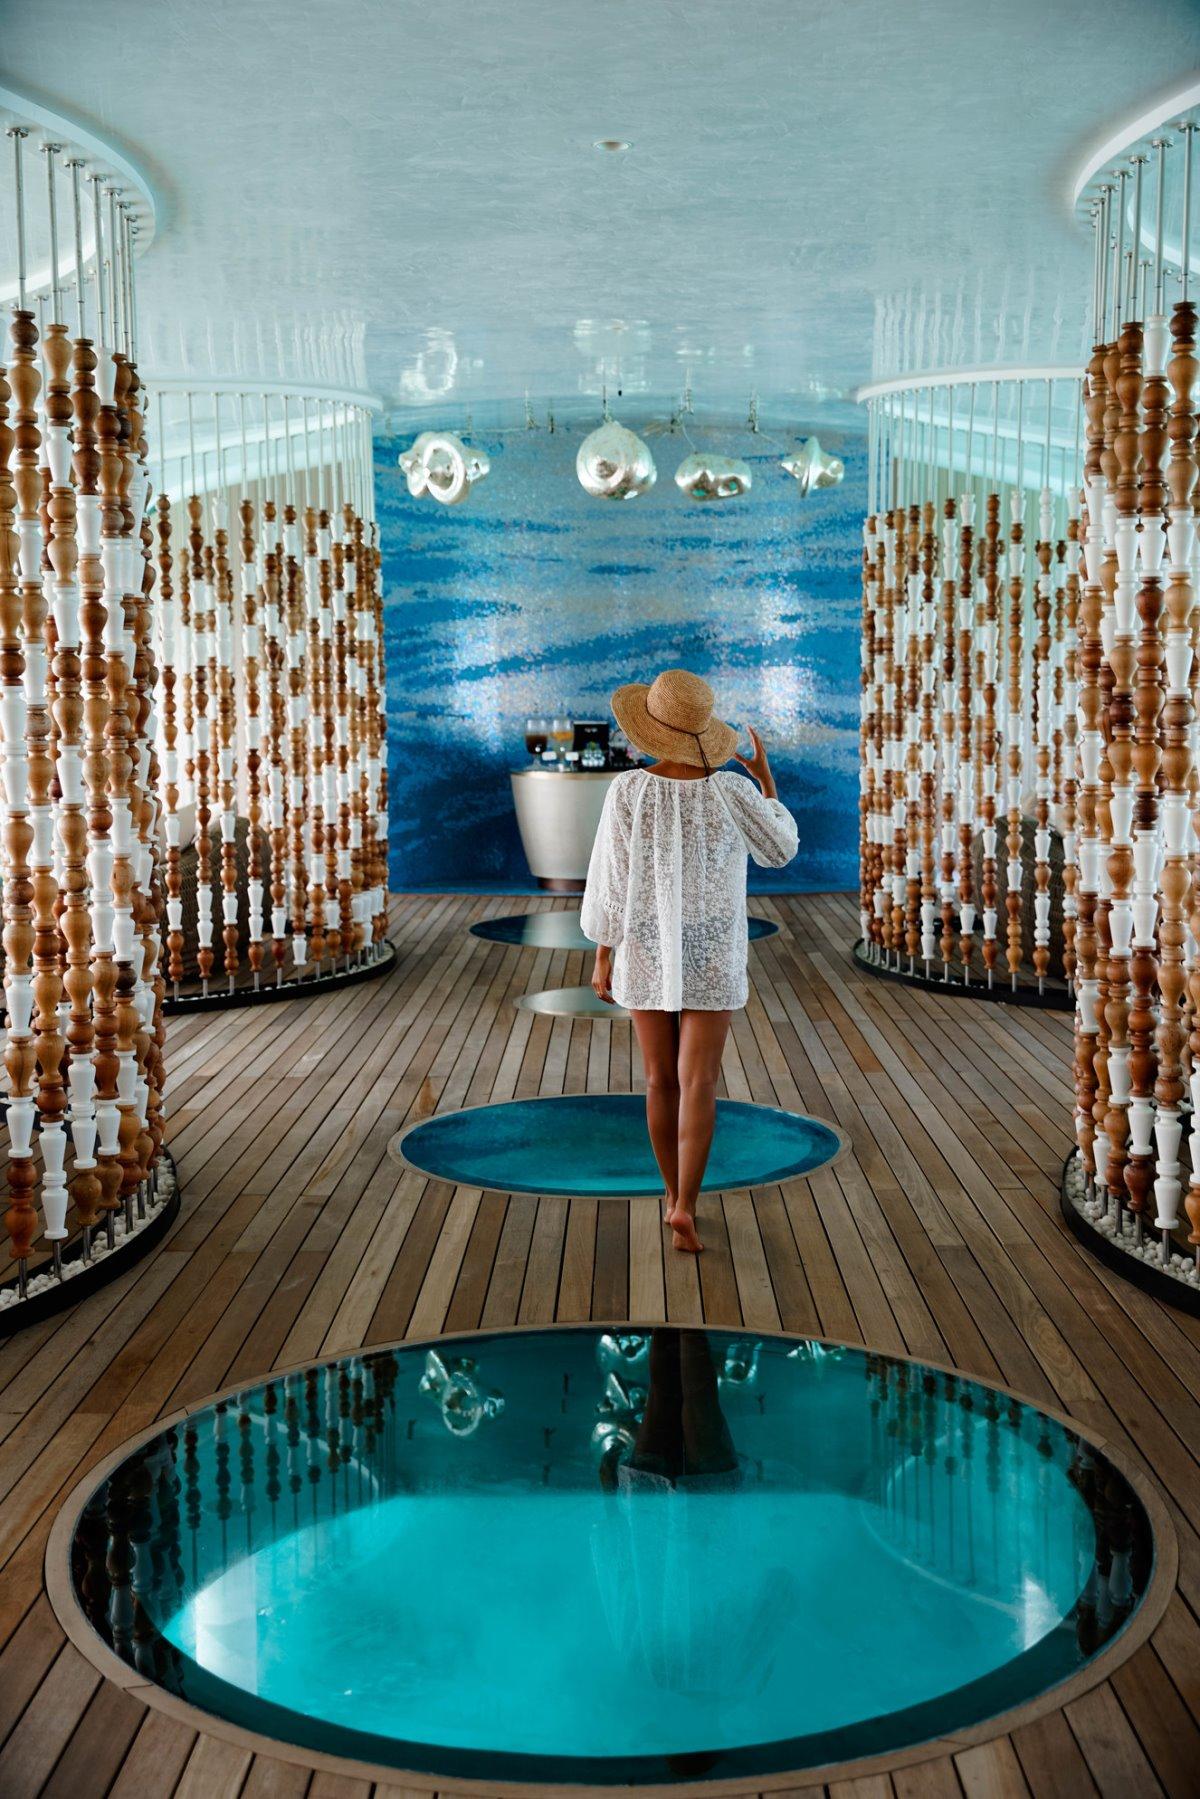 Μαλδίβες καλύτερο spa στον κόσμο με πολυτελείς χώρους